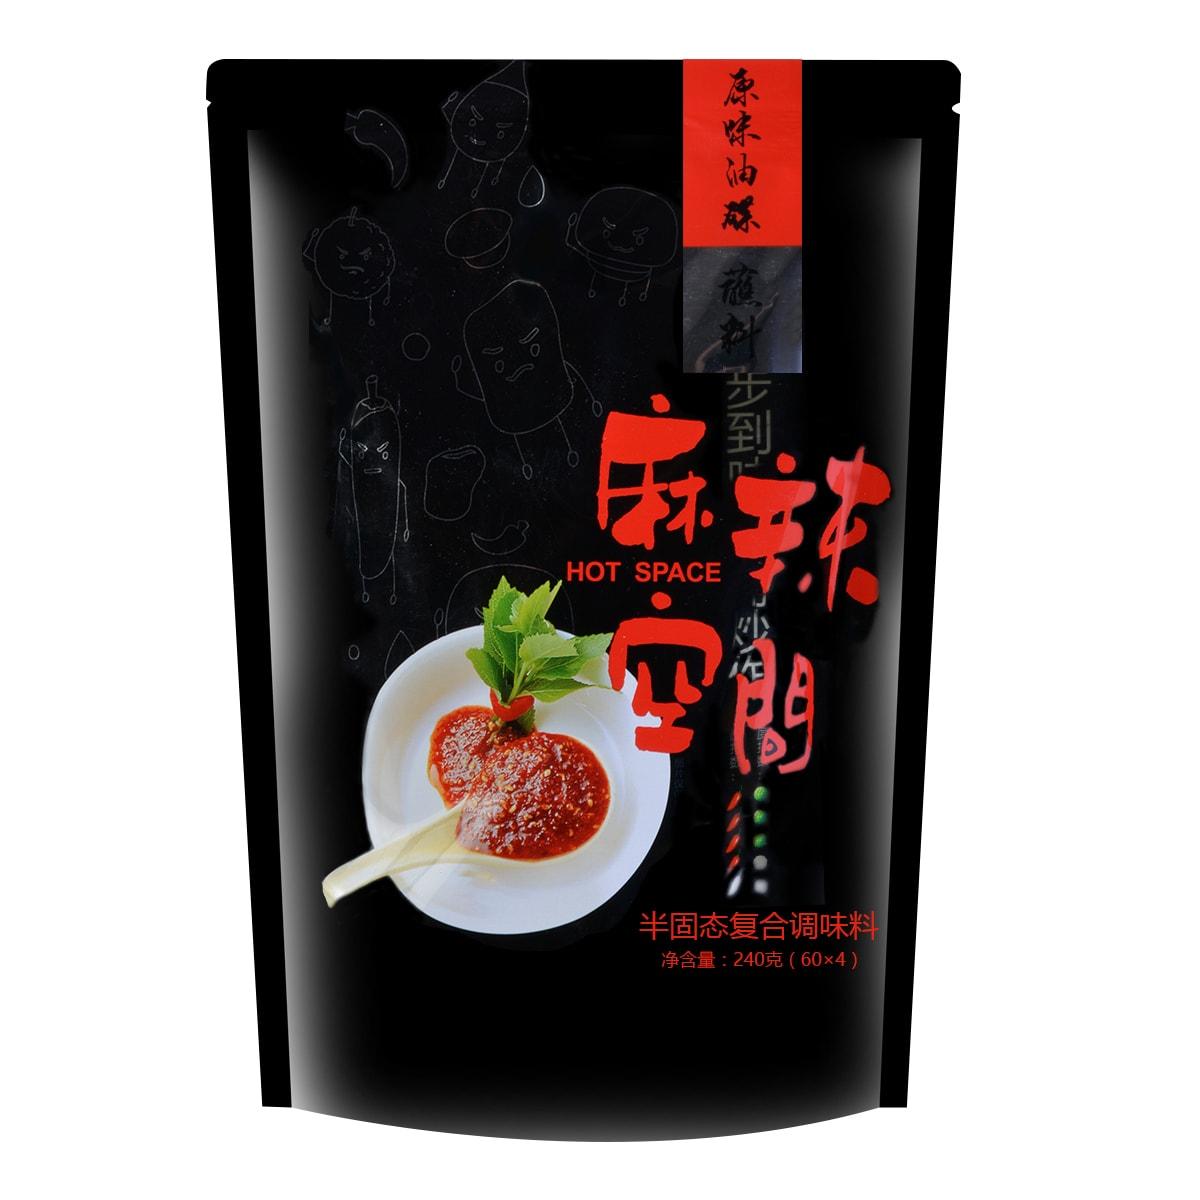 麻辣空间 原味油碟蘸料 半固态复合调味料 240g